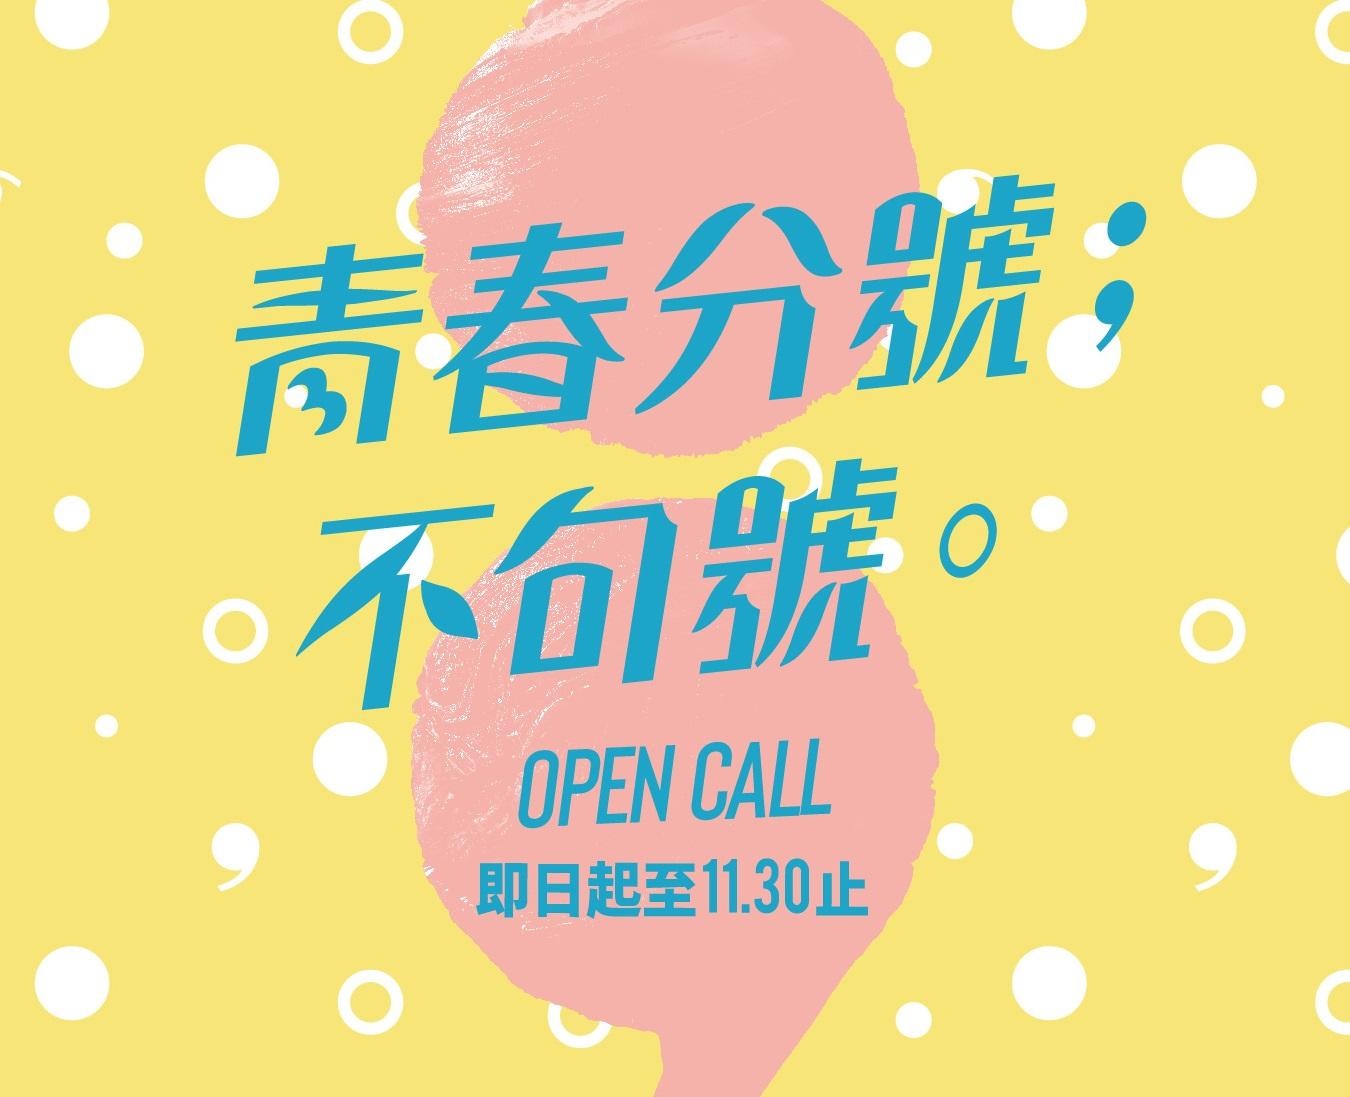 【公告】2019新北市畢業祭《青春分號;不句號》徵件中!